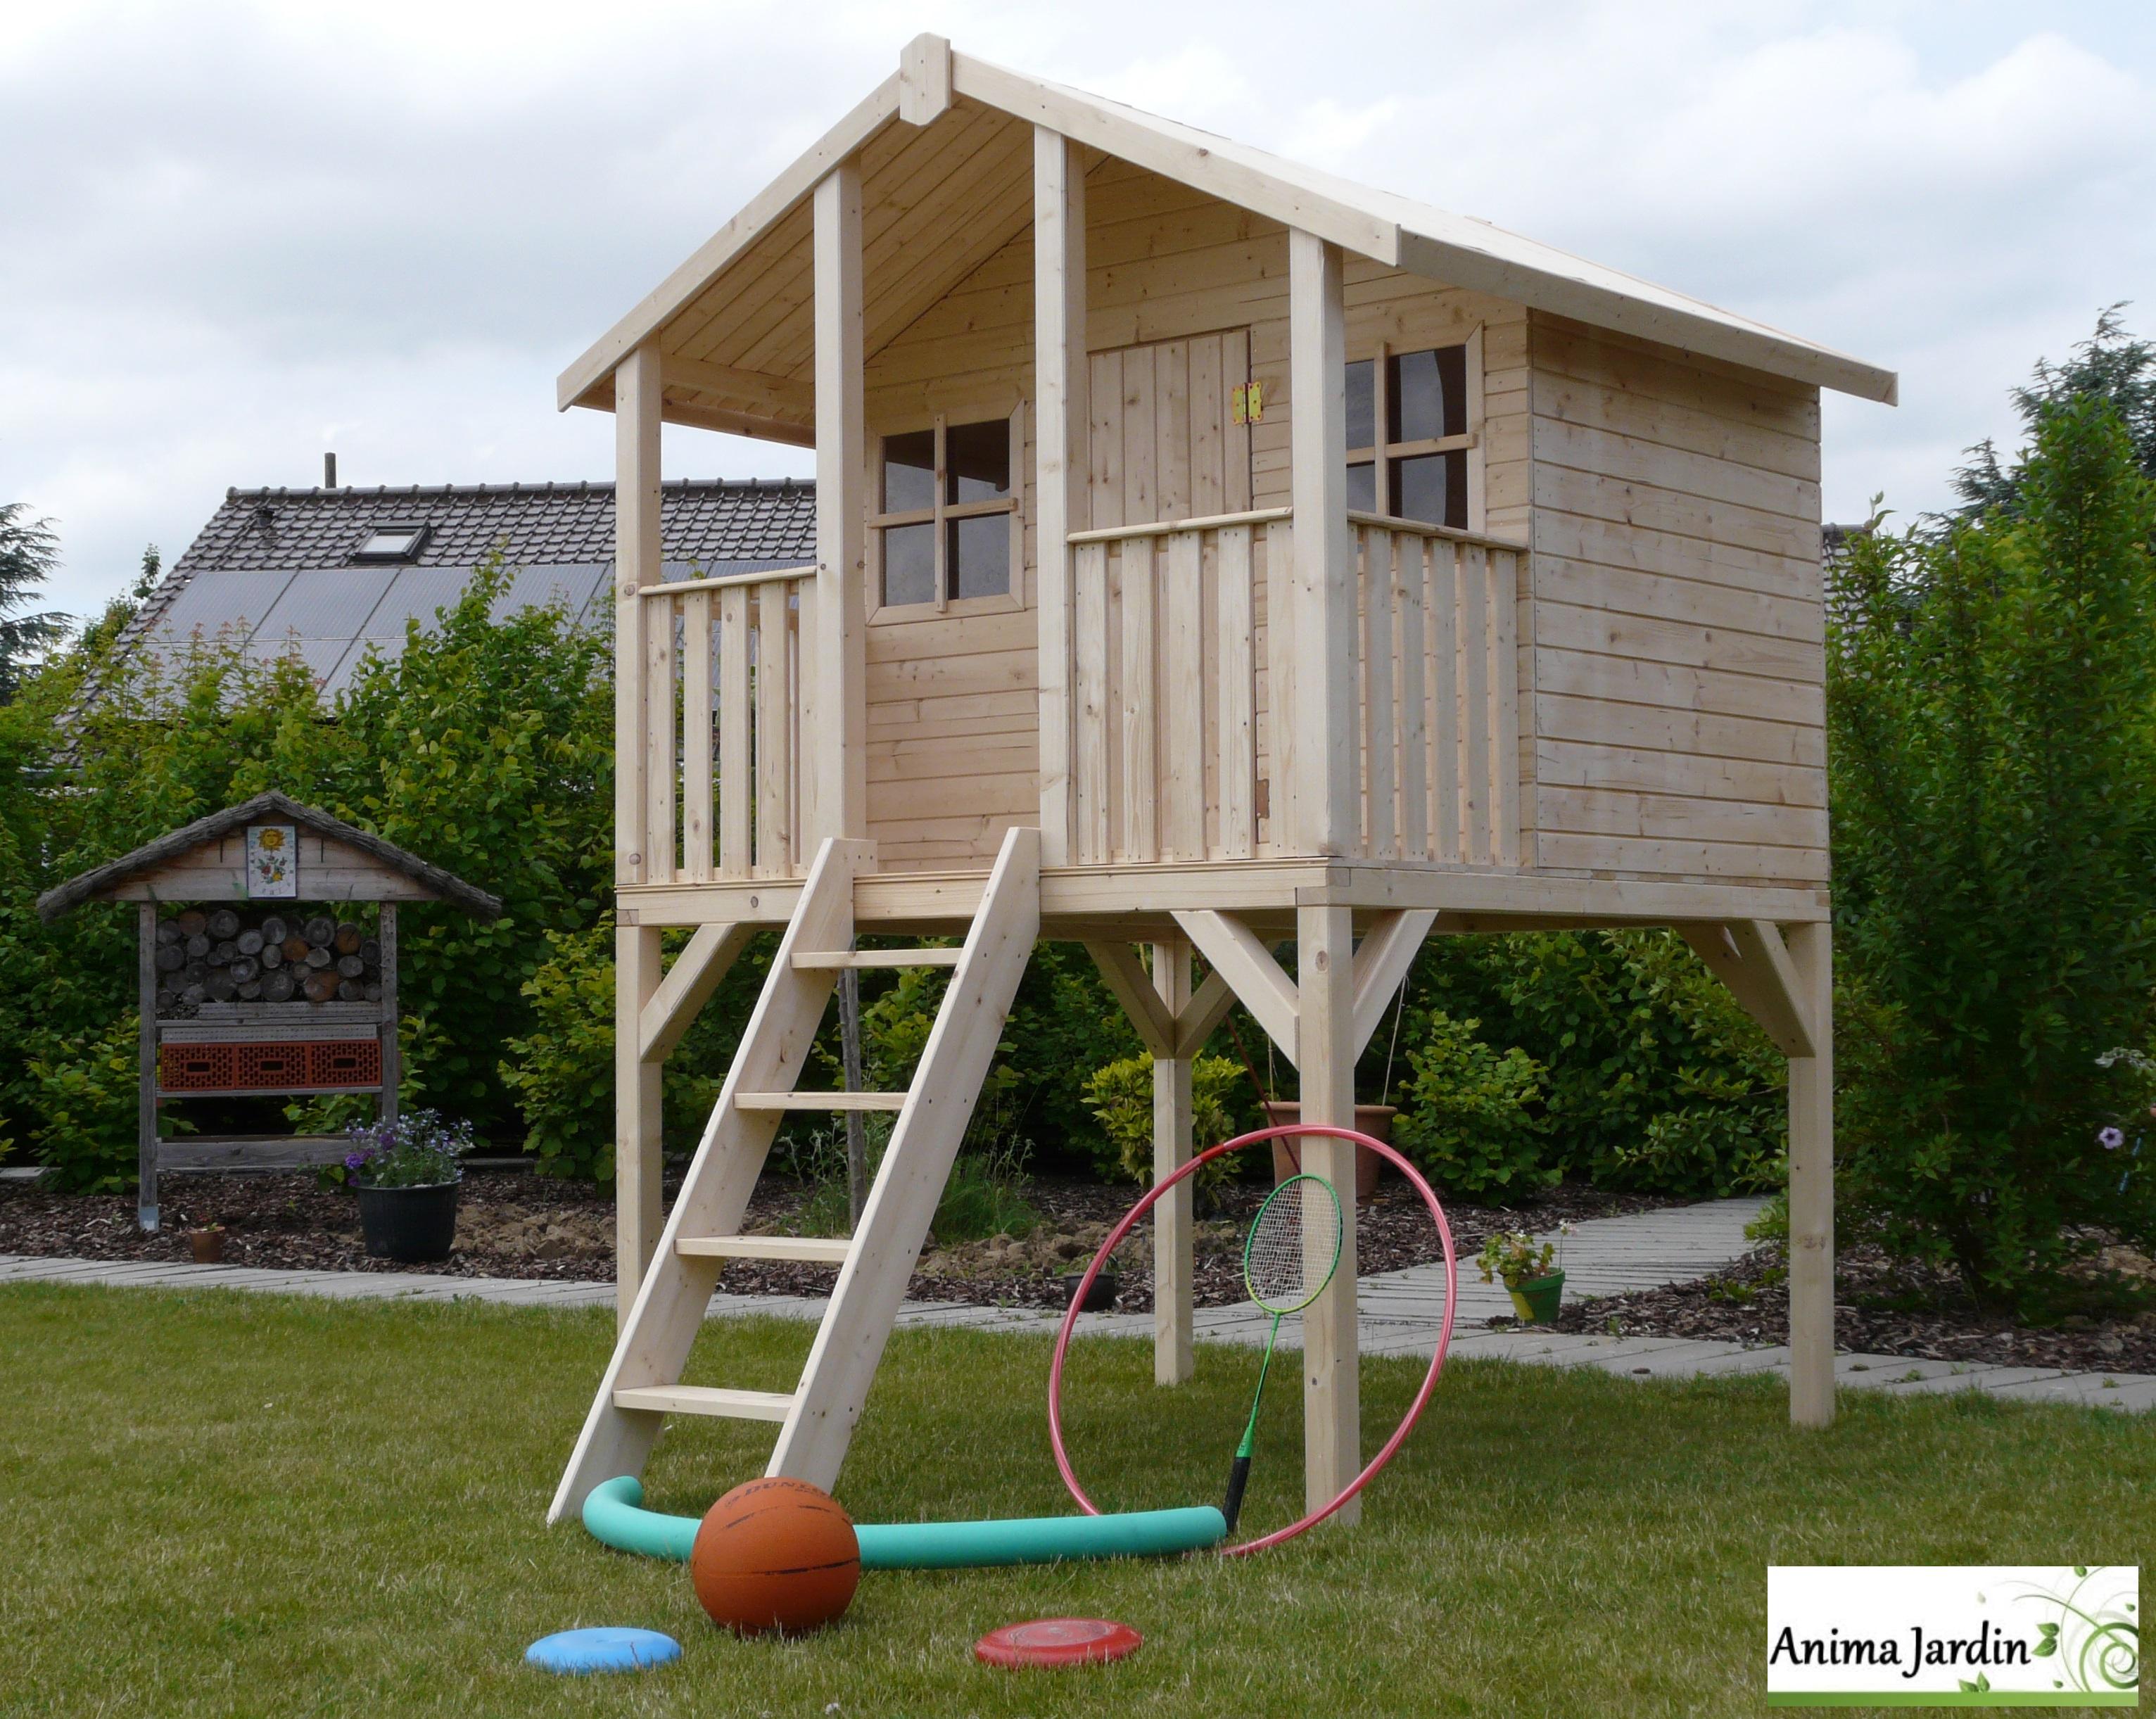 Grande Cabane De Jardin Pas Cher cabane en bois surélevée sur pilotis, 3m², toit deux pentes